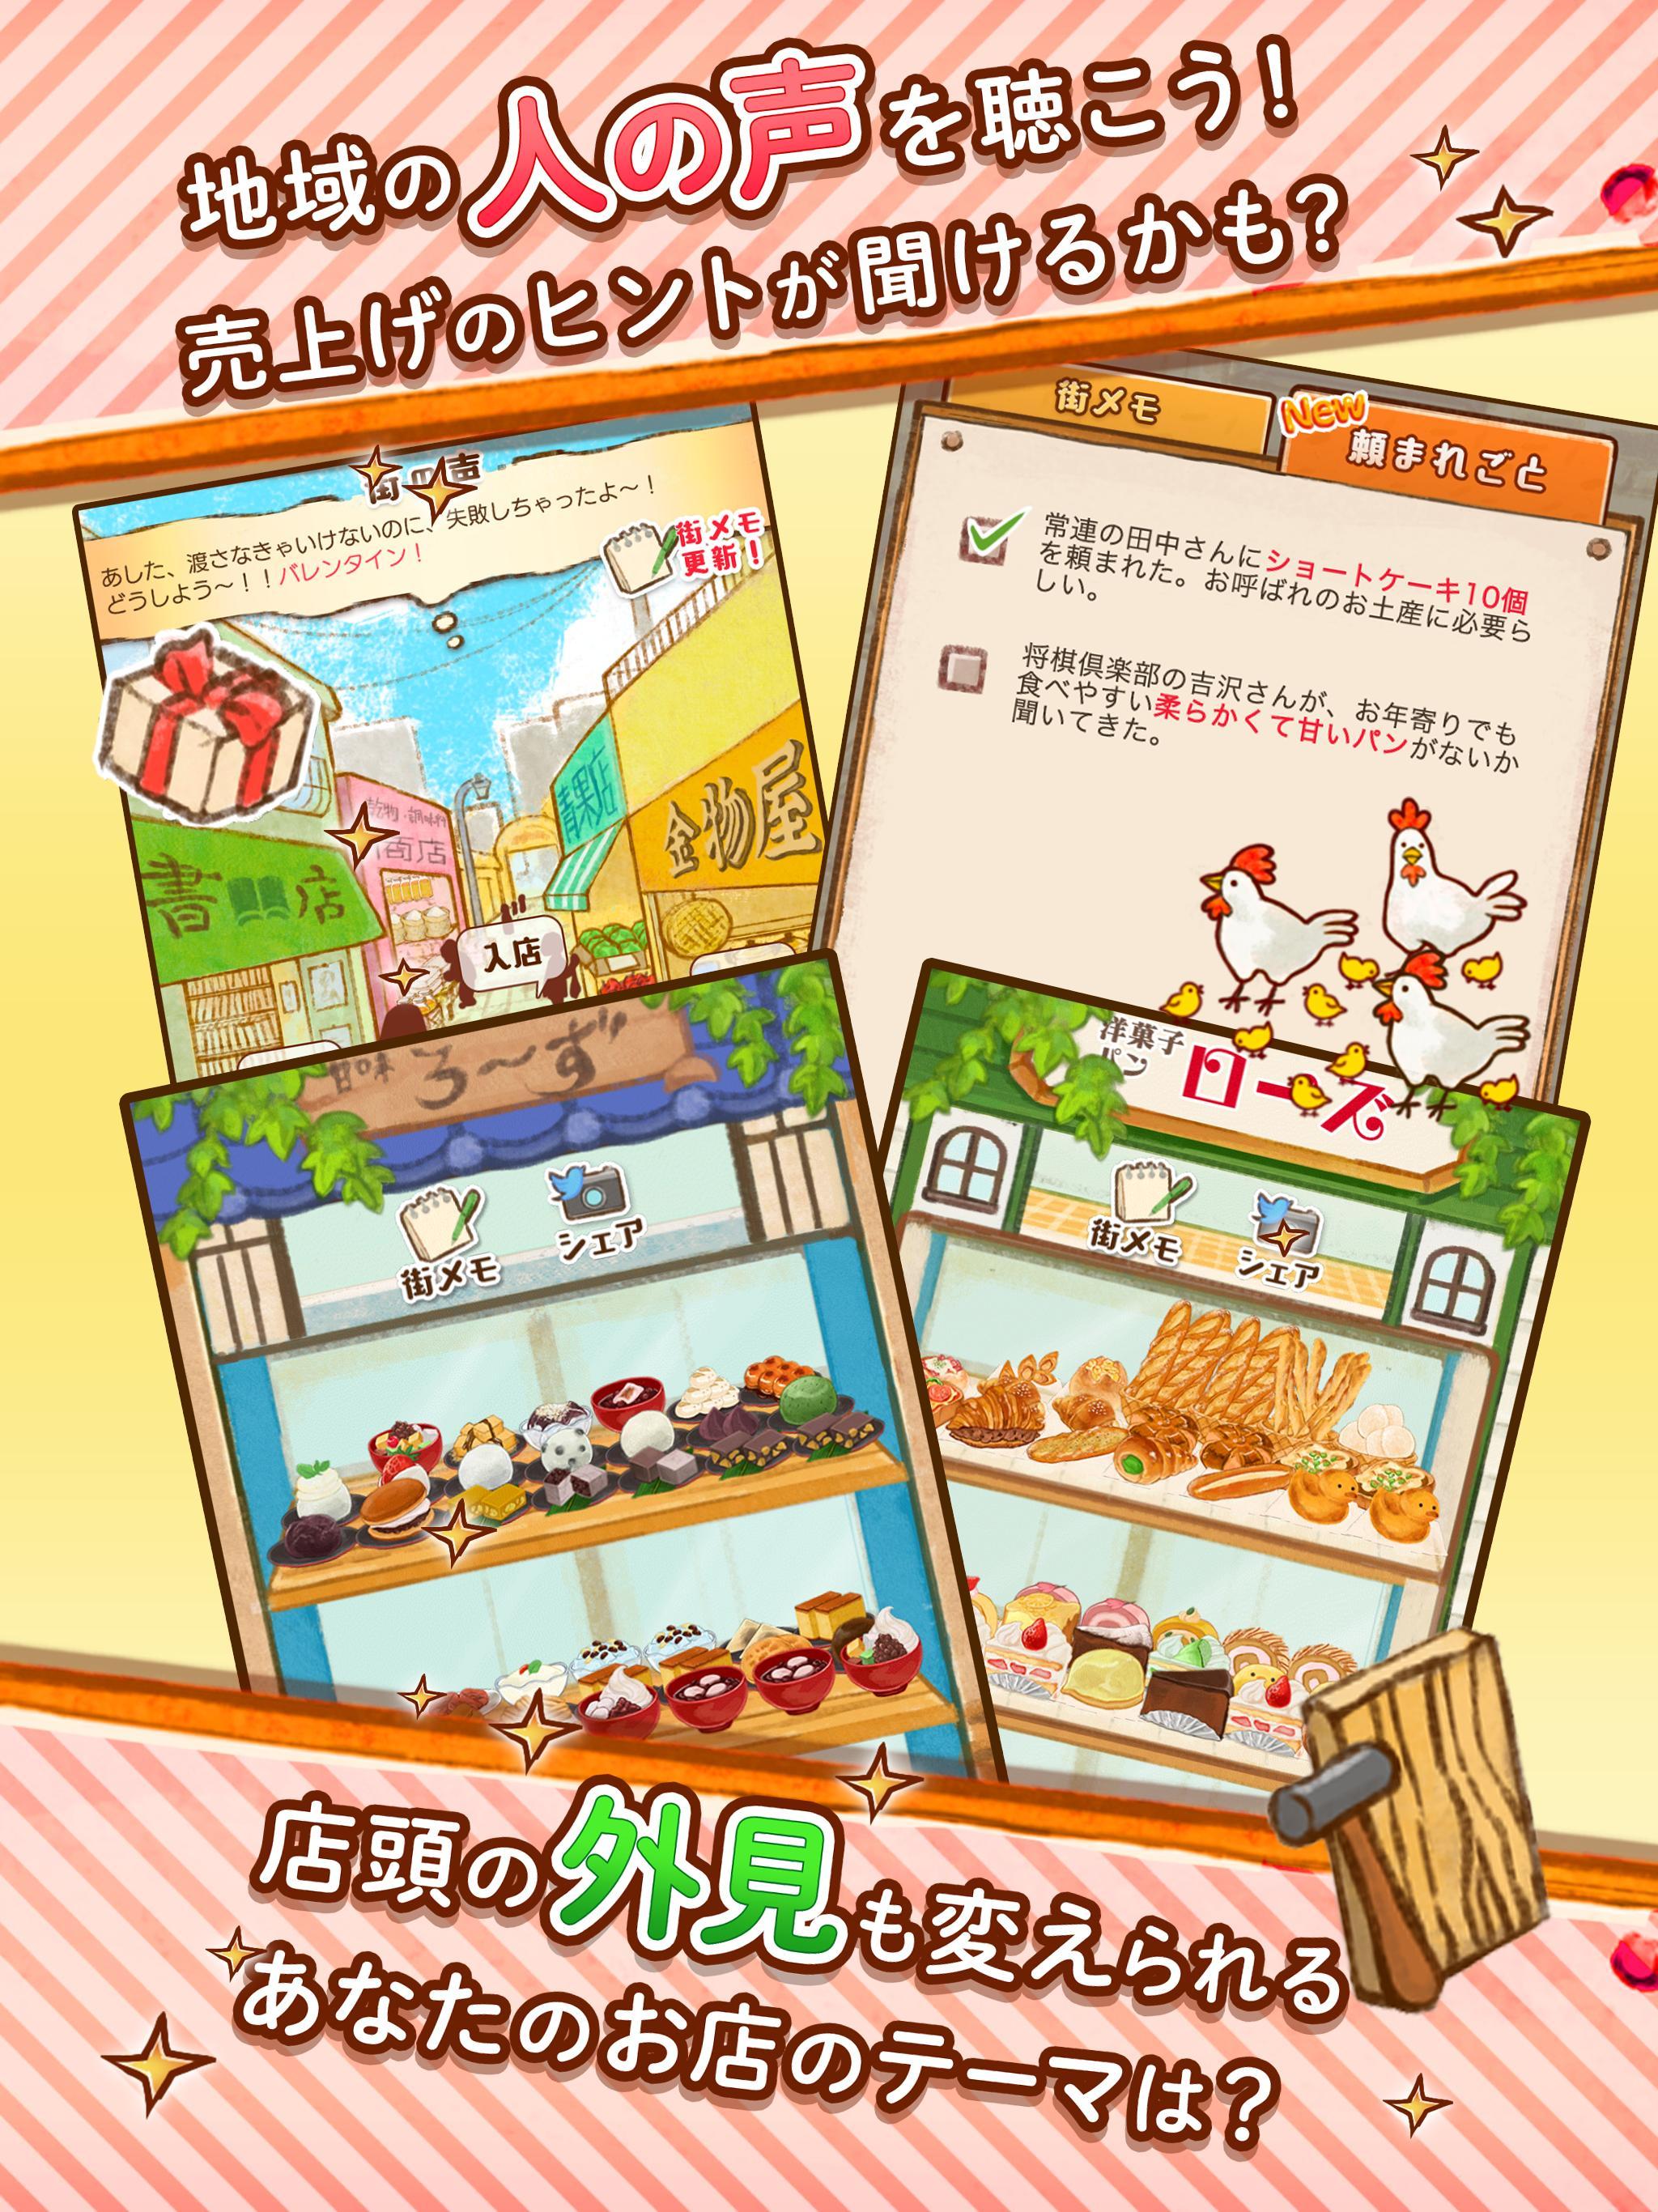 洋菓子 店 ローズ 2 洋菓子店ローズ2 綿あめ、味噌、ヨーグルトなどレシピで使う商品作り方一覧